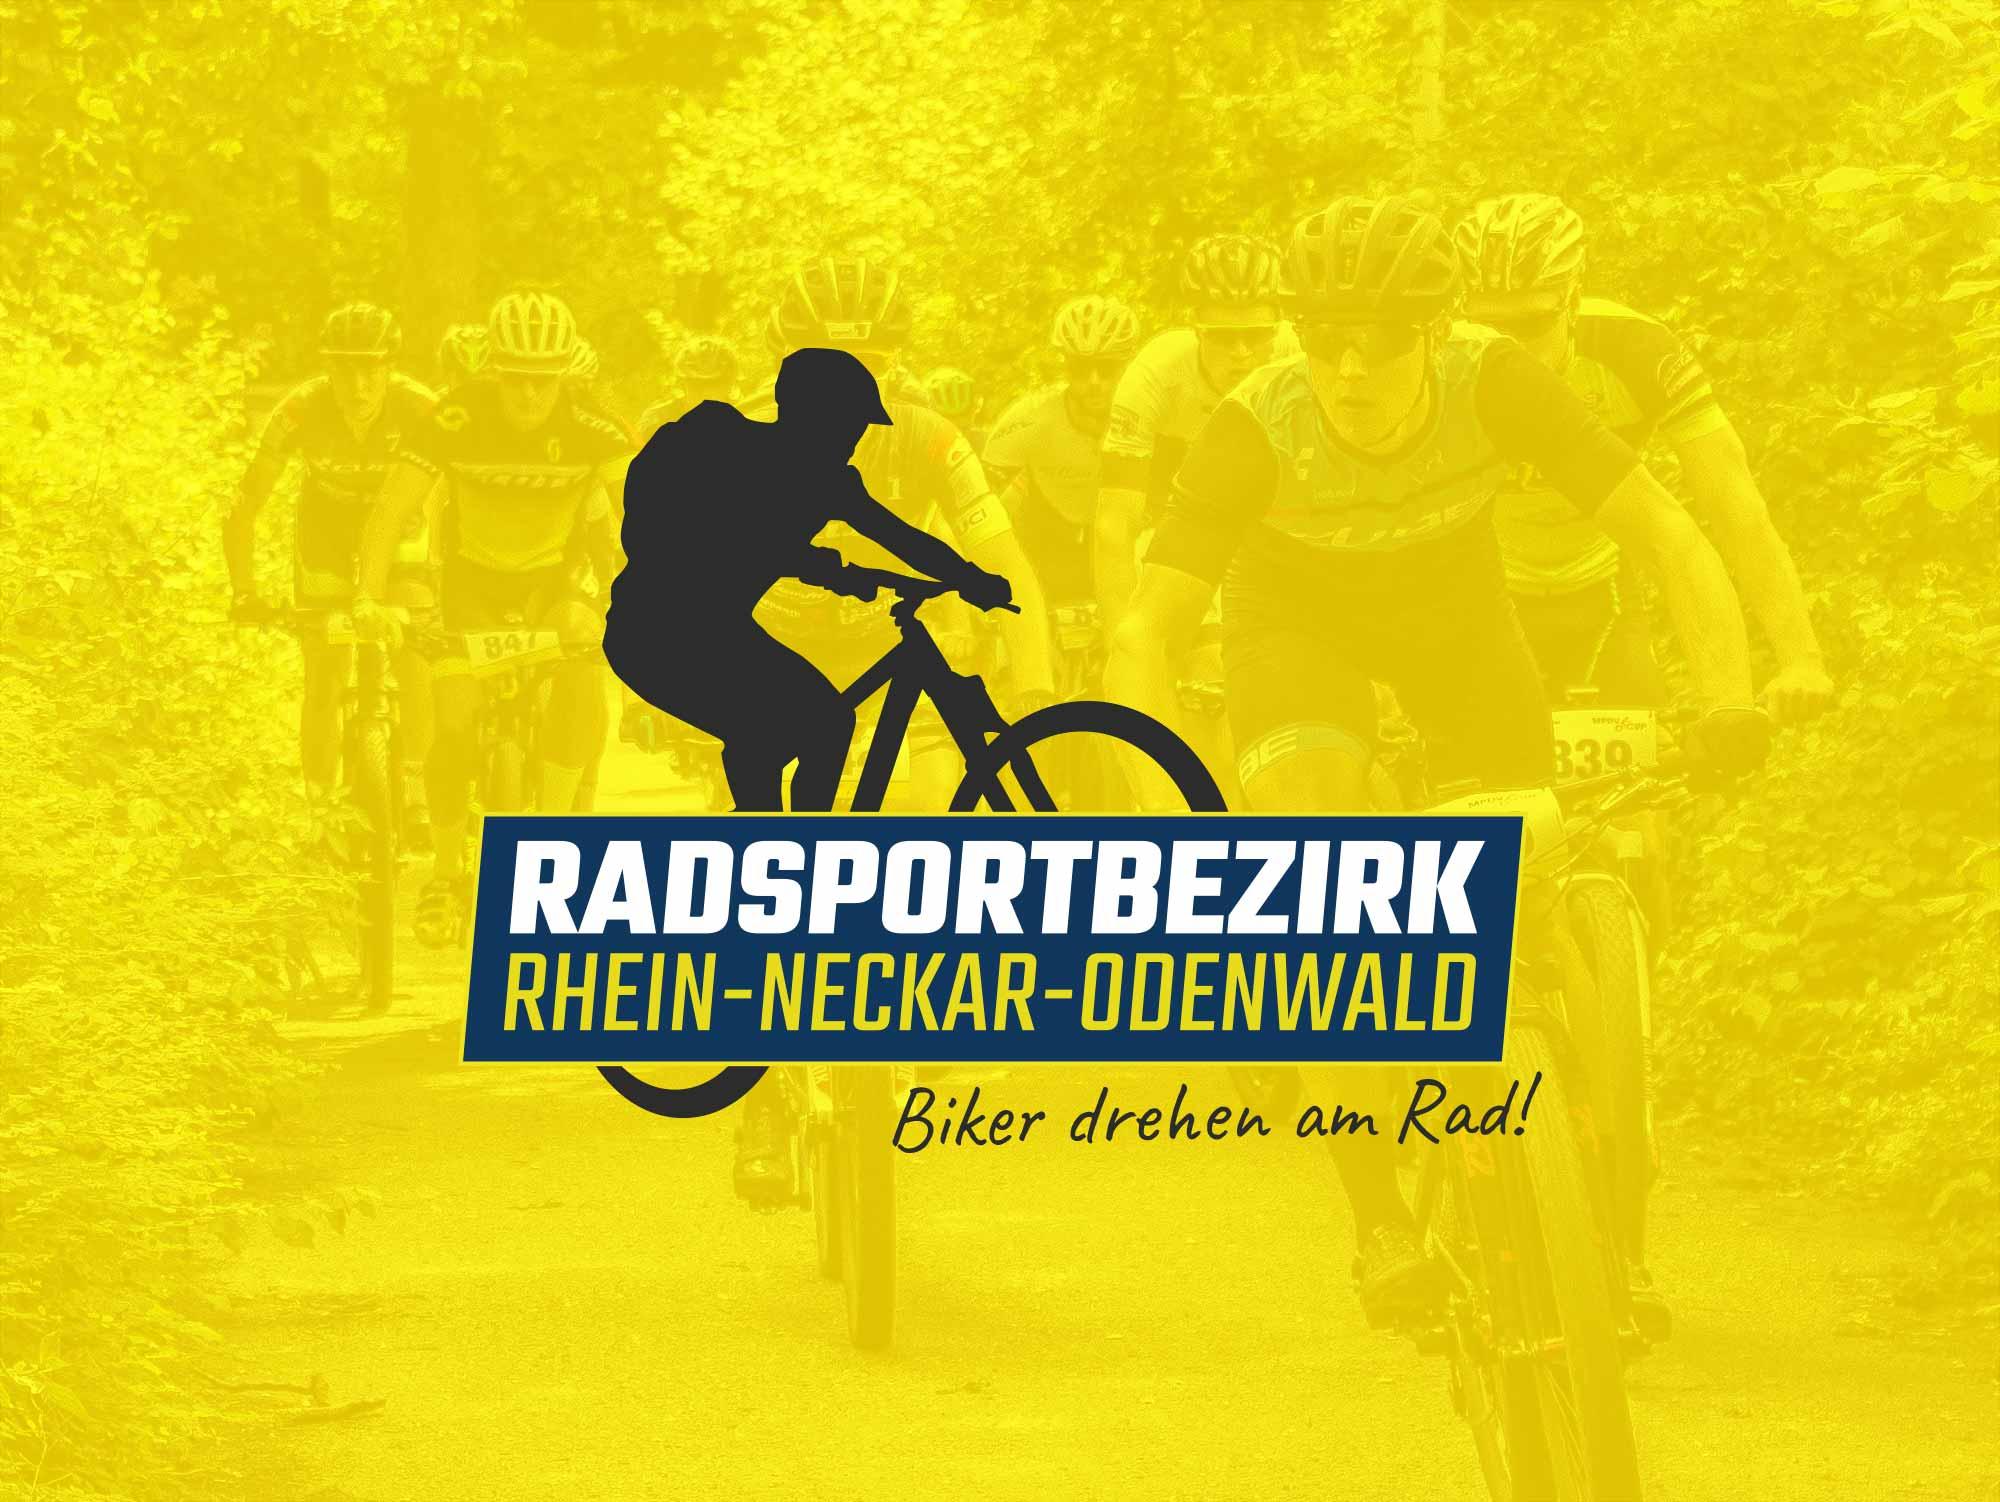 Jahreshauptversammlung des Radsportbezirks Rhein Neckar Odenwald in Schwetzingen